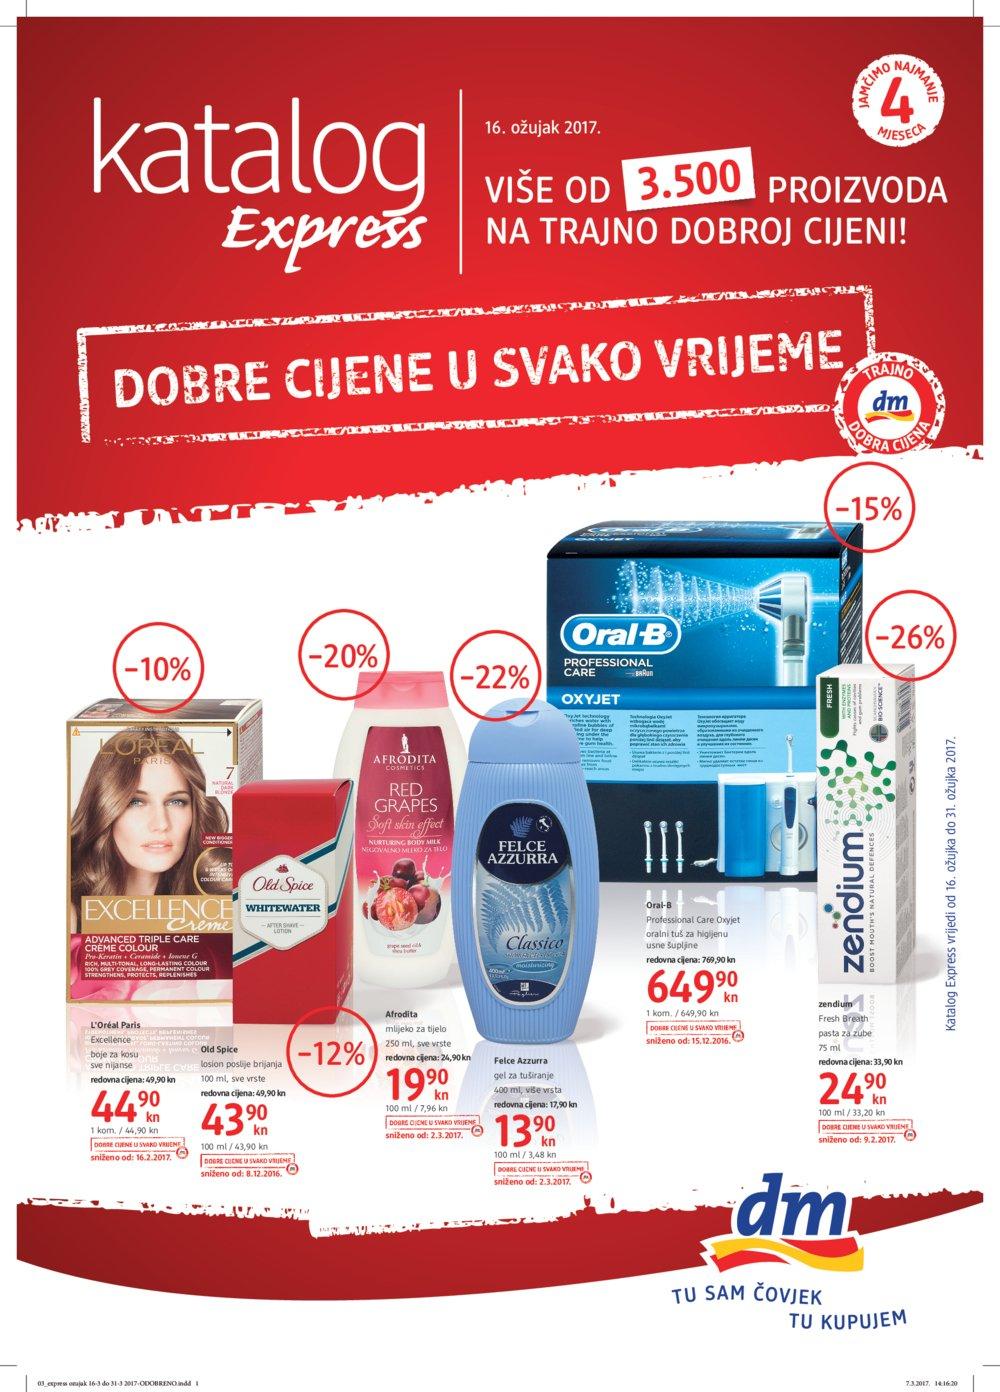 dm katalog Express do 31.3.2017.